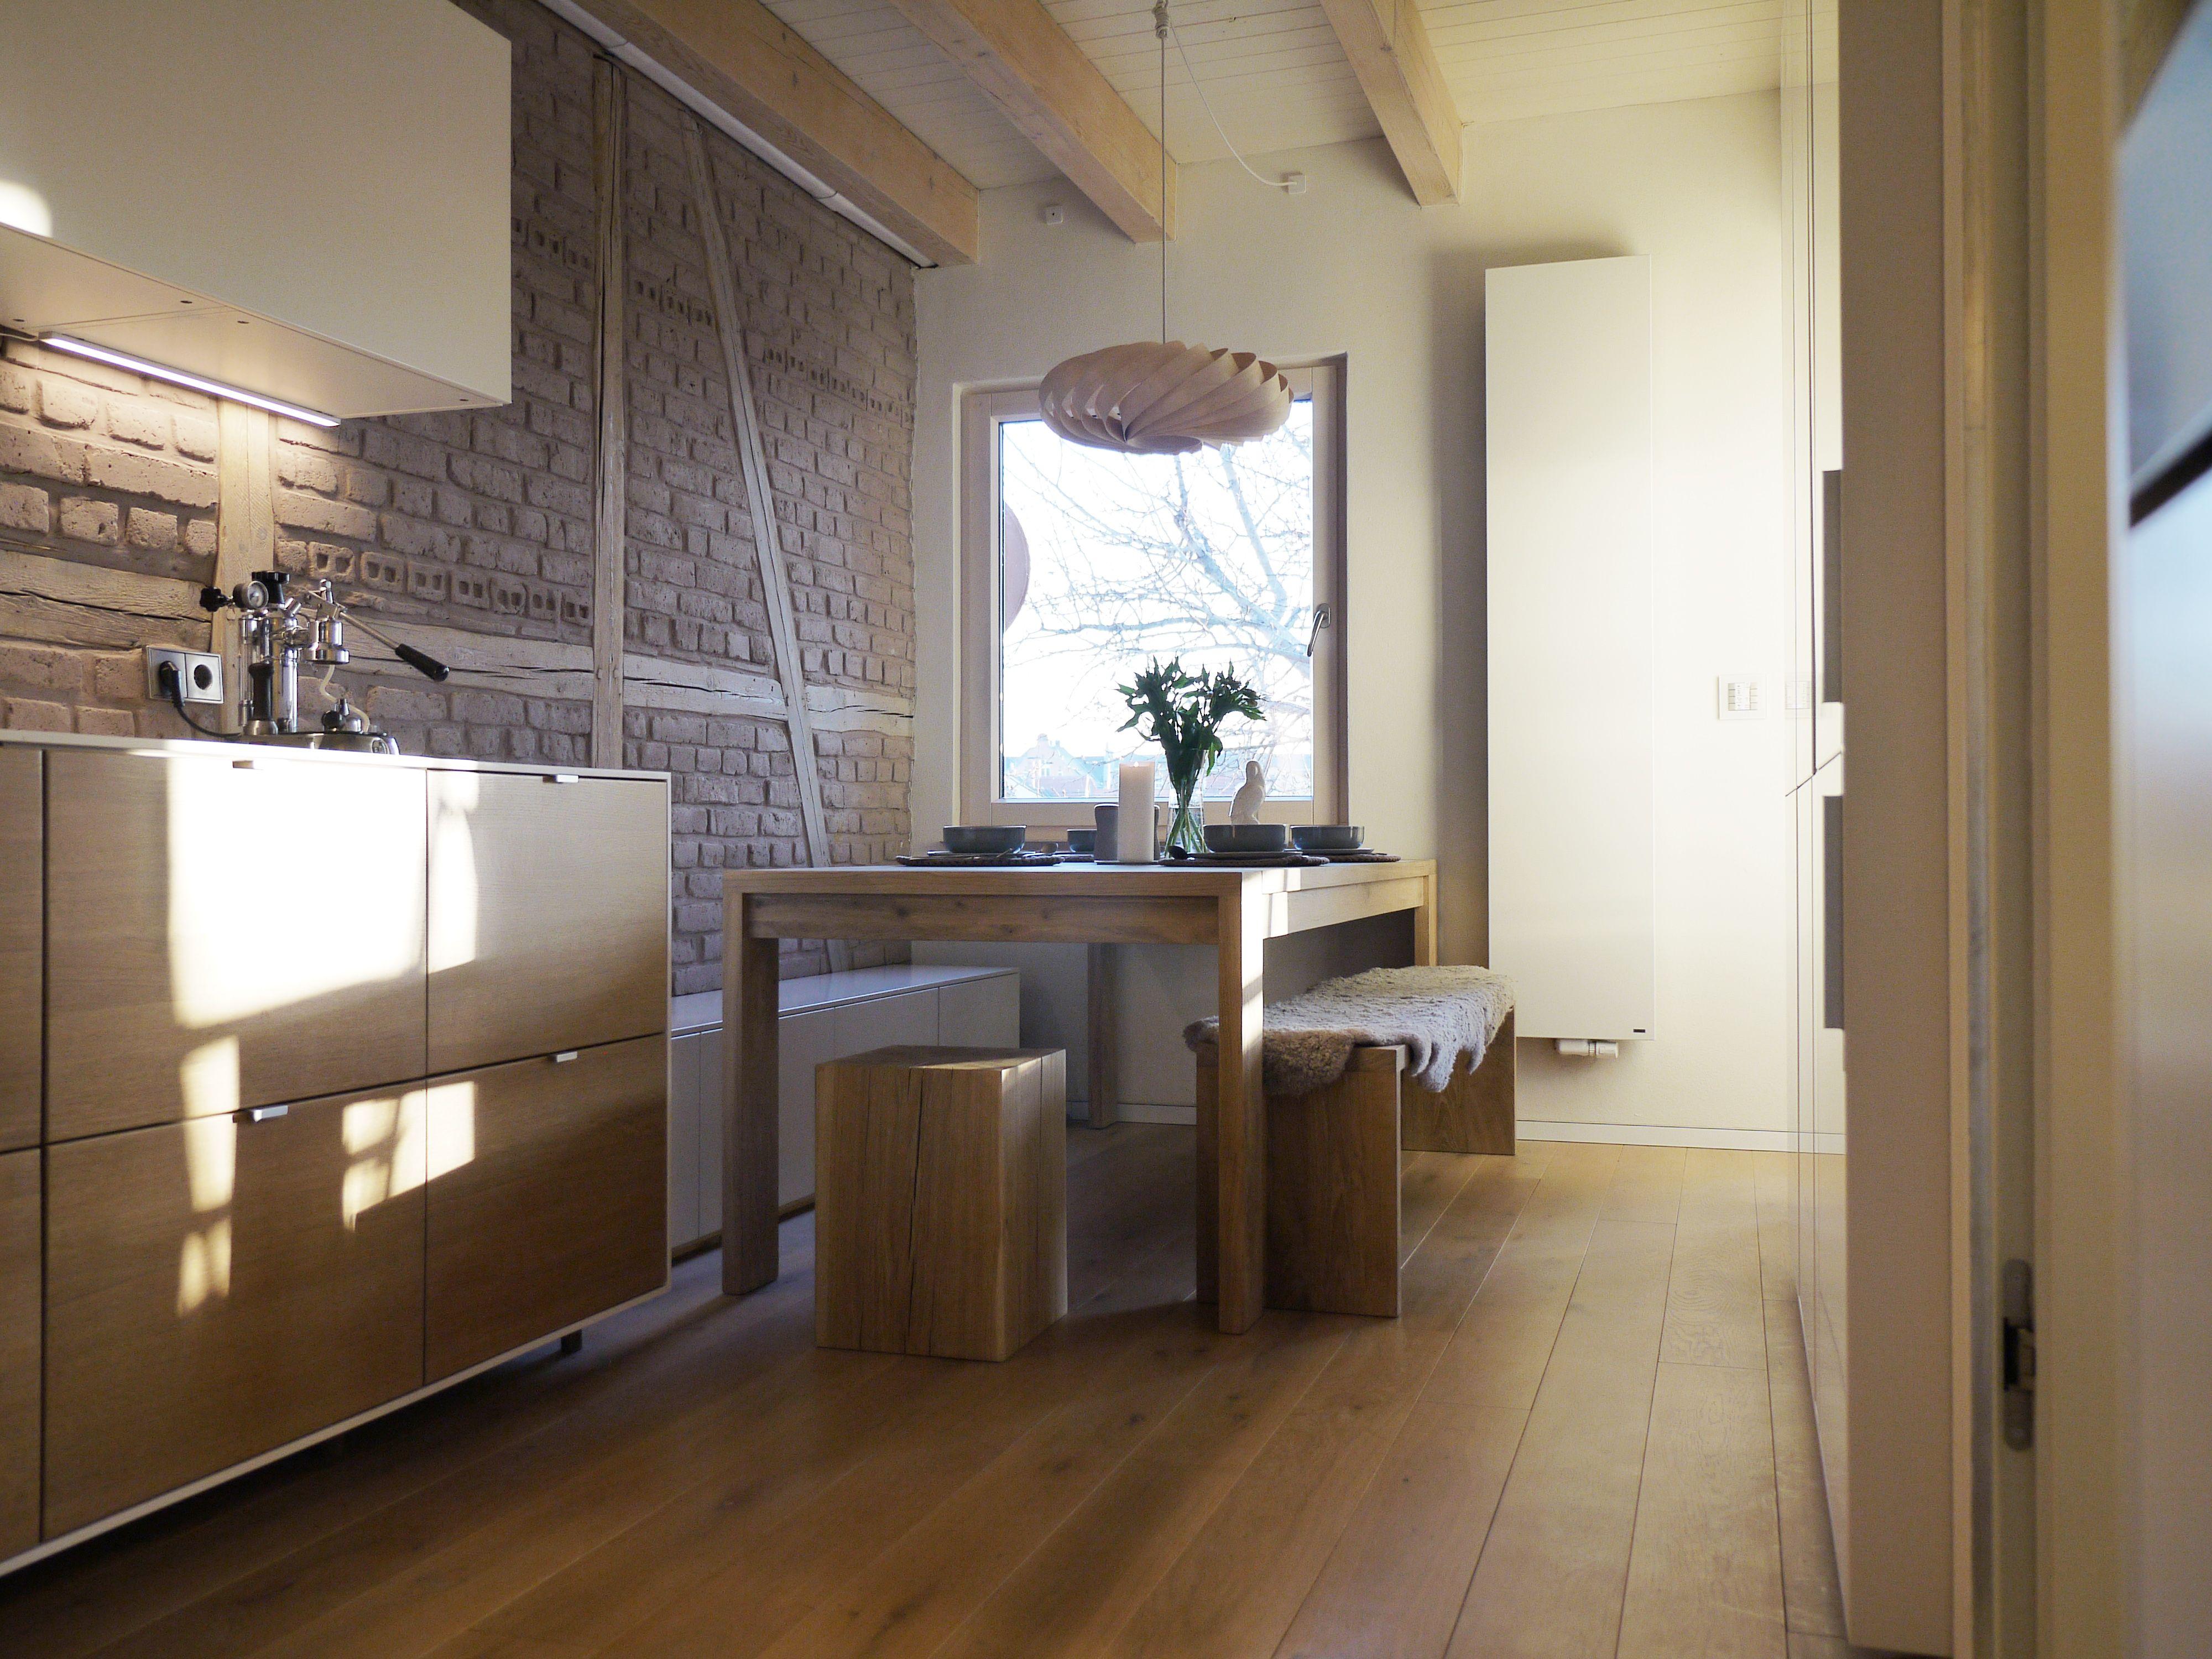 Pin von HolzDesignPur auf Interieur: Küchen mit Holz ...